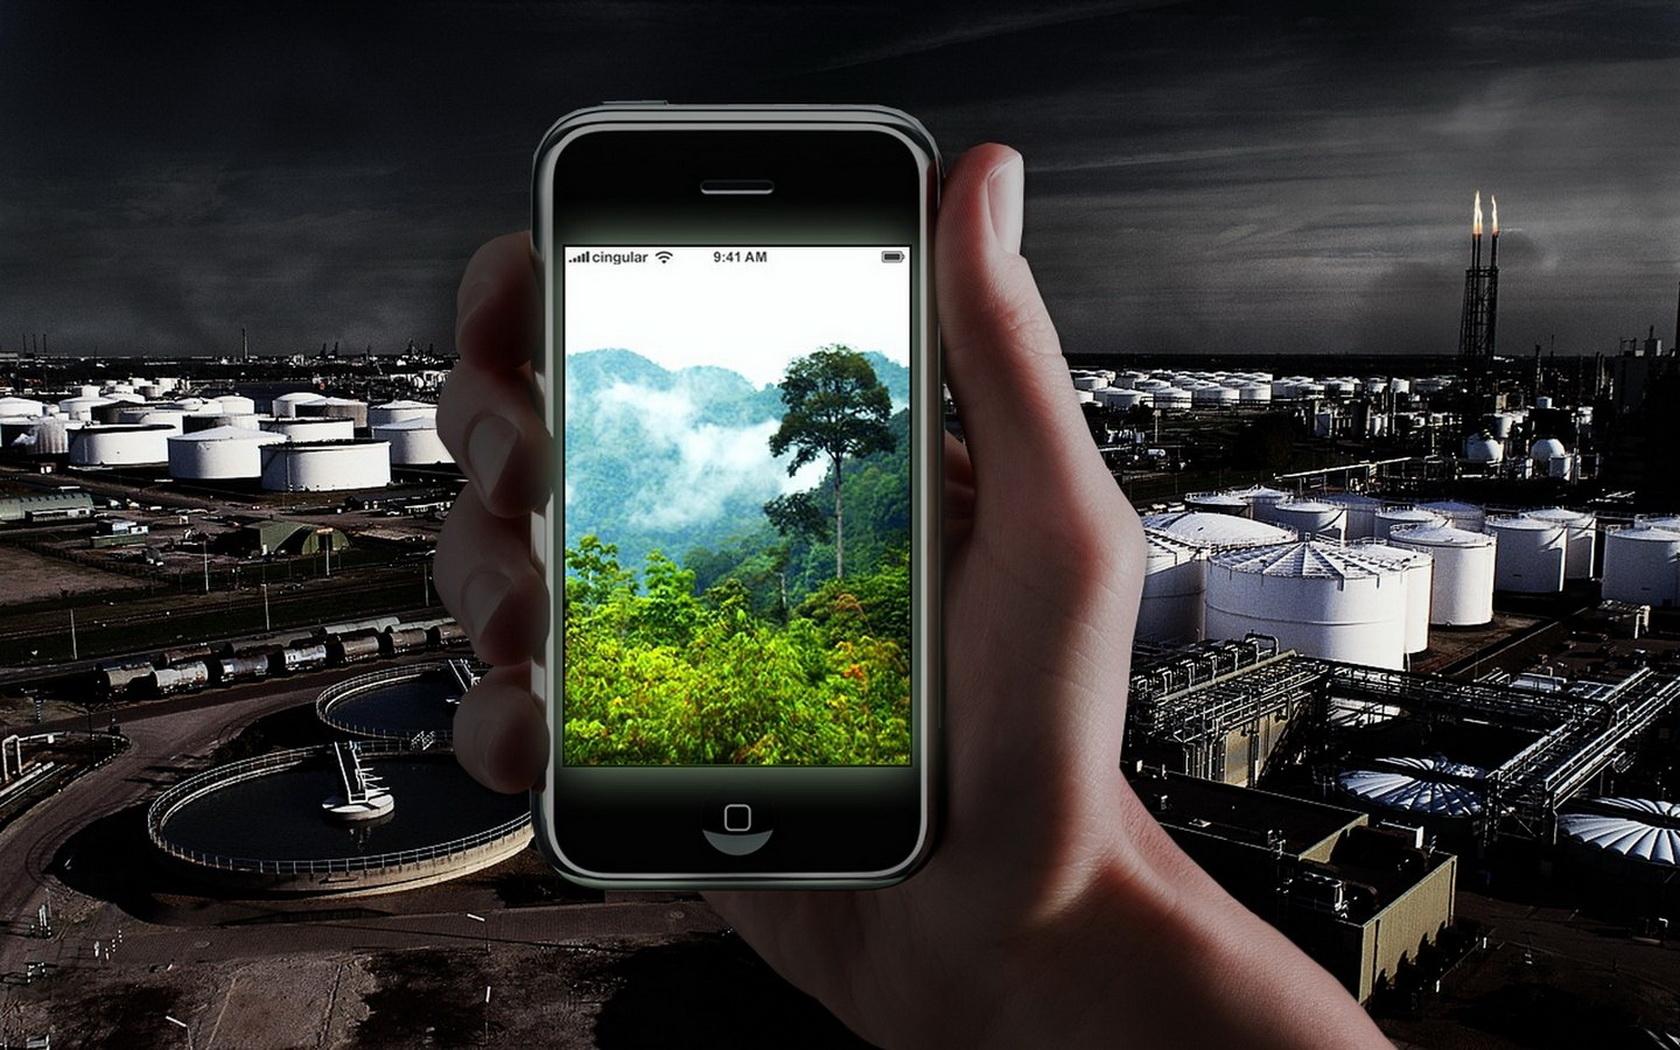 мобильники картинки и обои ключи головки